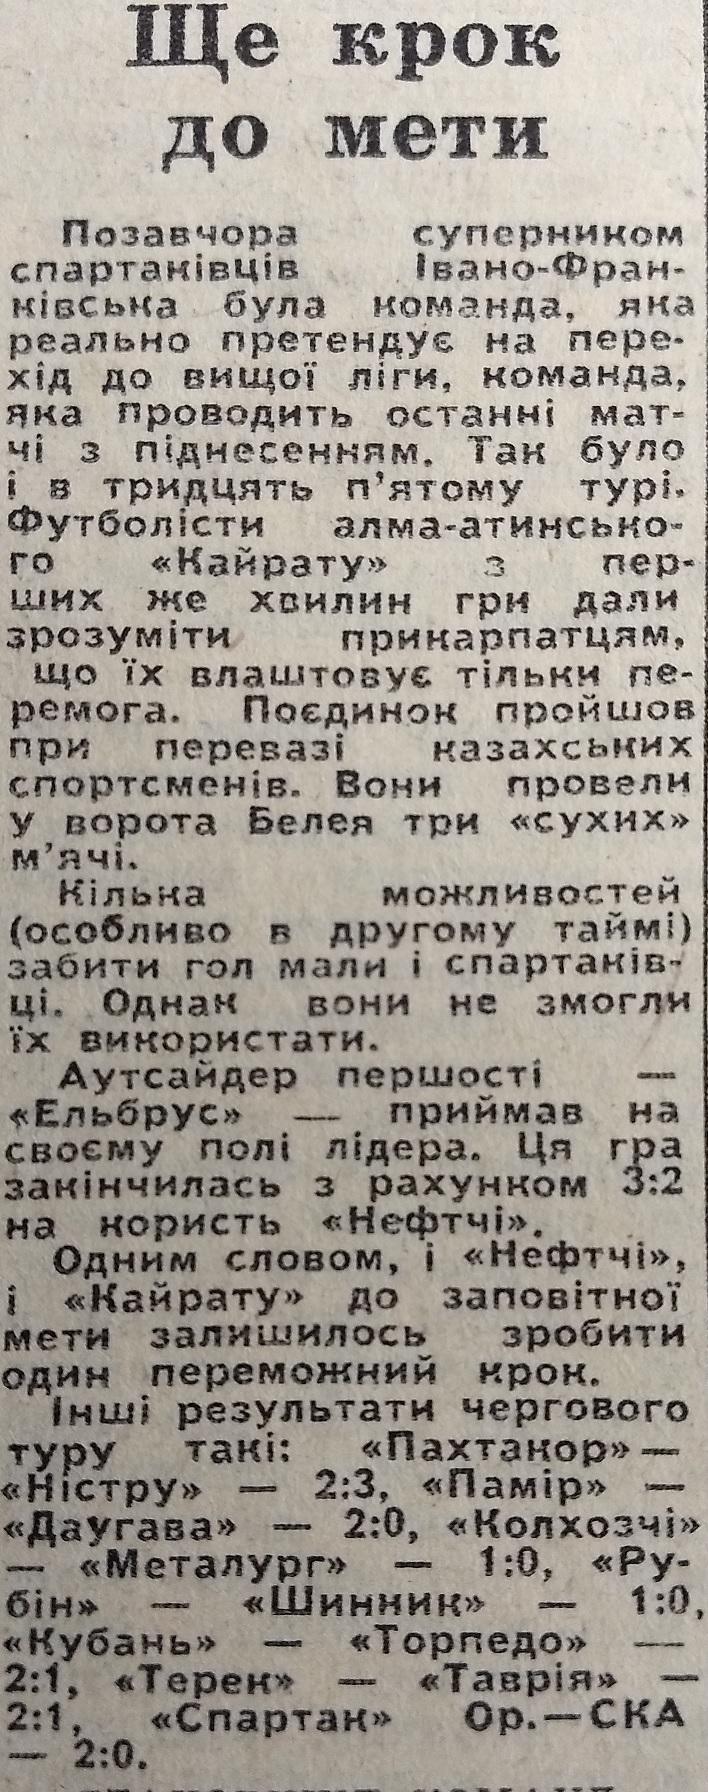 Кайрат (Алма-Ата) - Спартак (Ивано-Франковск) 3:0